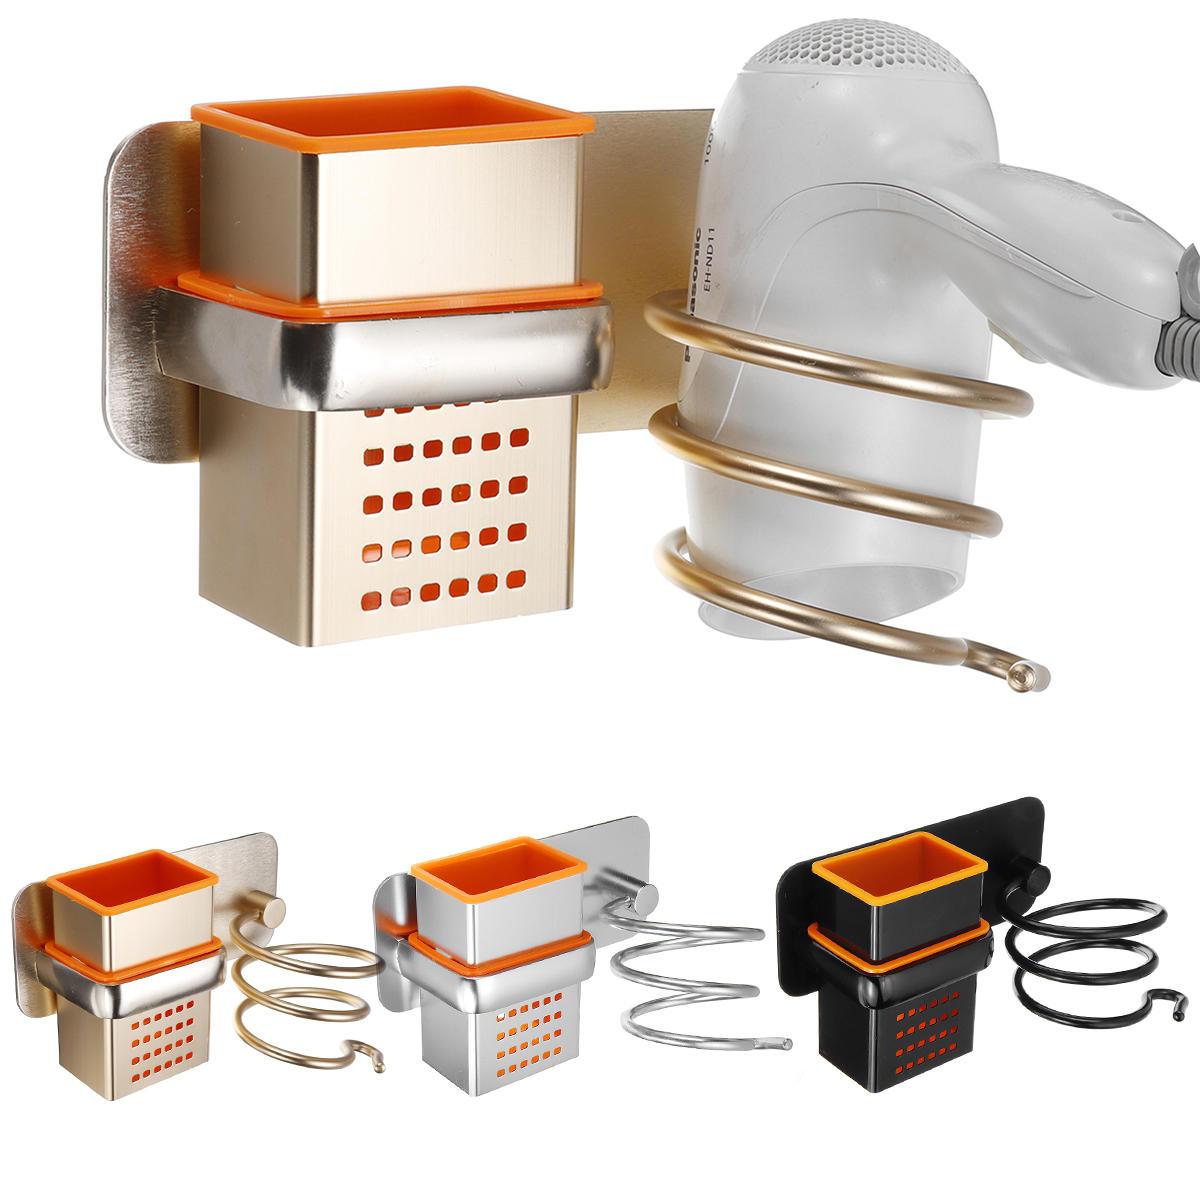 Soporte para secador de pelo con copas para el hogar Montaje en pared Cuarto de baño Accesorios Secador de pelo Estante Secador de pelo de metal negro